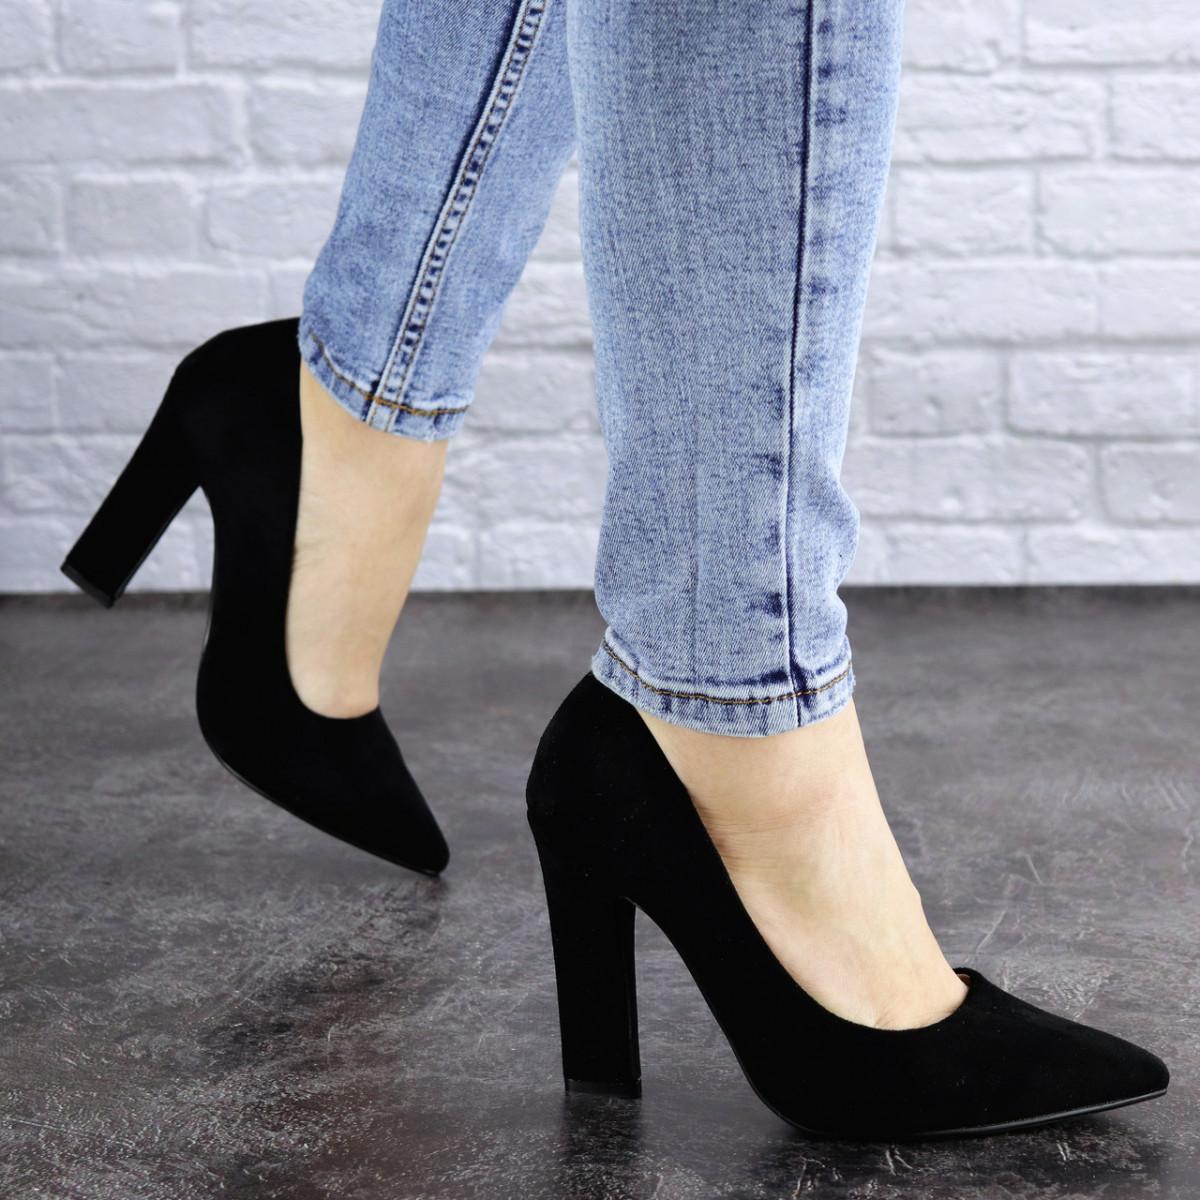 Жіночі туфлі на підборах Fashion Howie 1944 36 розмір, 23,5 см Чорний 40